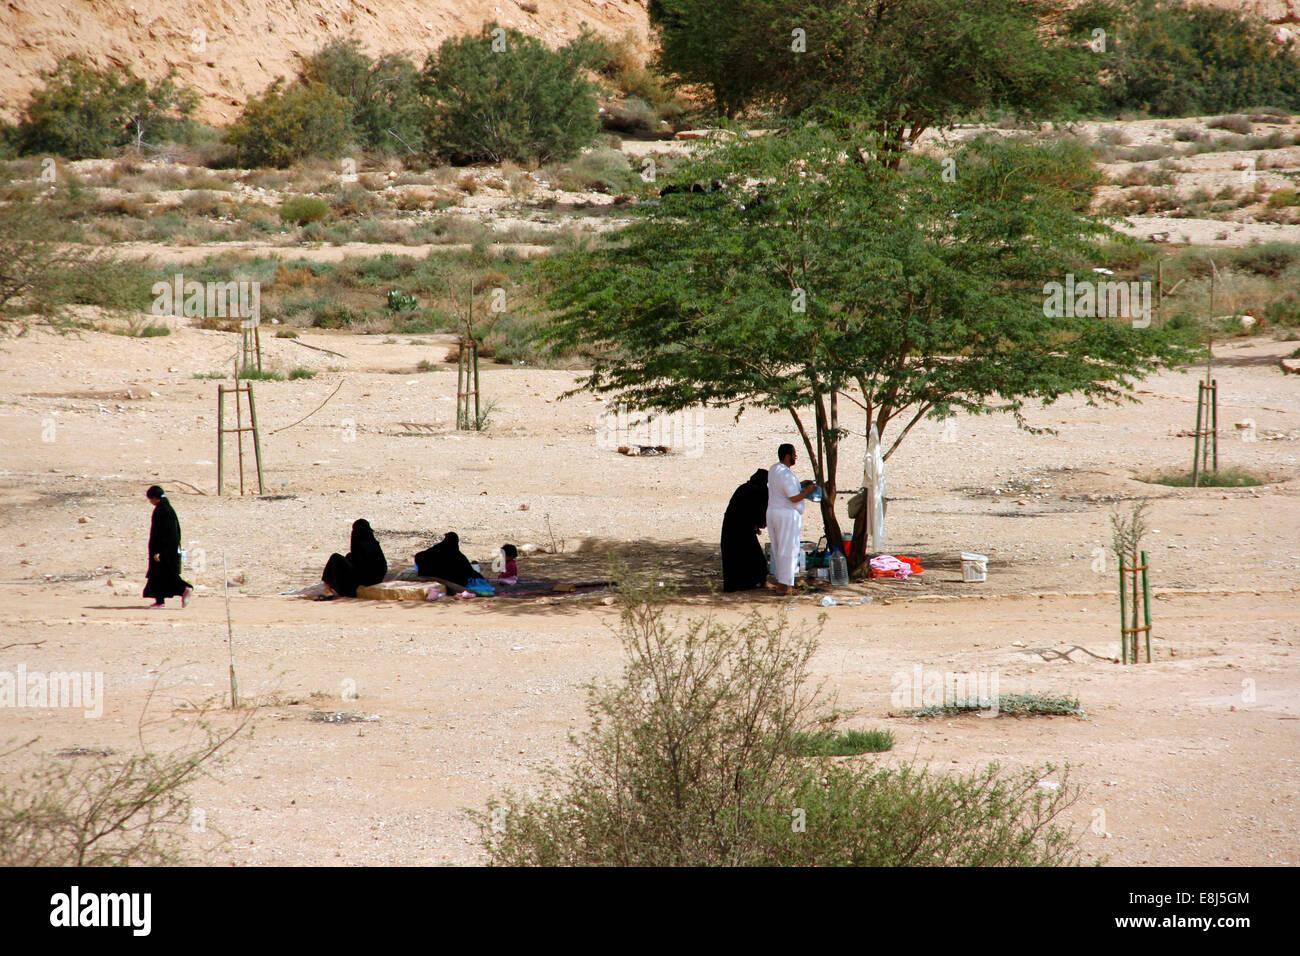 Les sections locales ayant des pique-niques à l'ombre des arbres dans le Wadi Hanifa, près de Riyad, Photo Stock